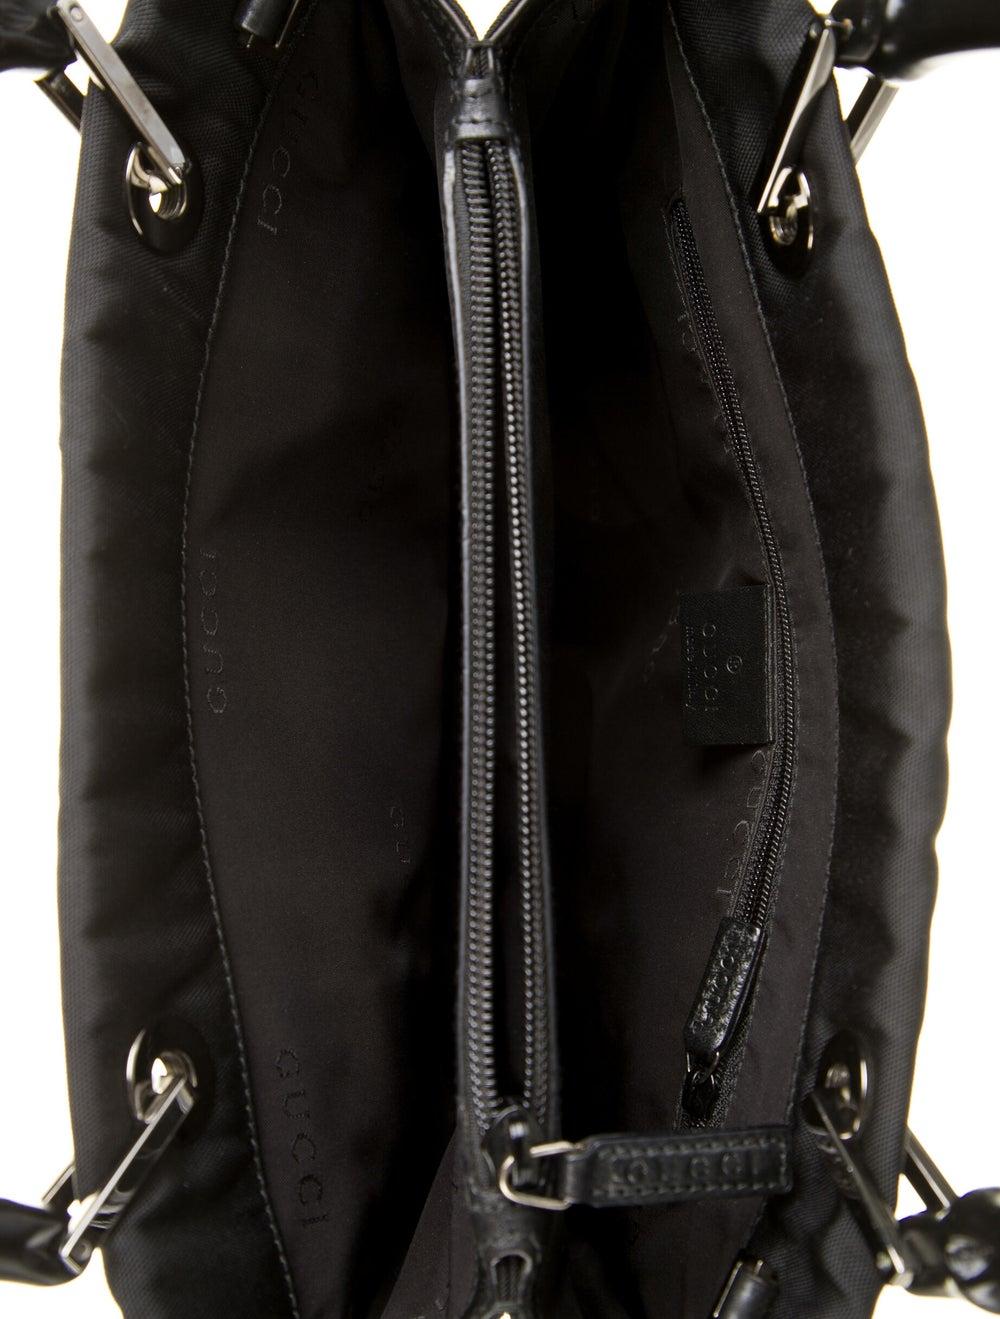 Gucci Bamboo Nylon Tote Black - image 5